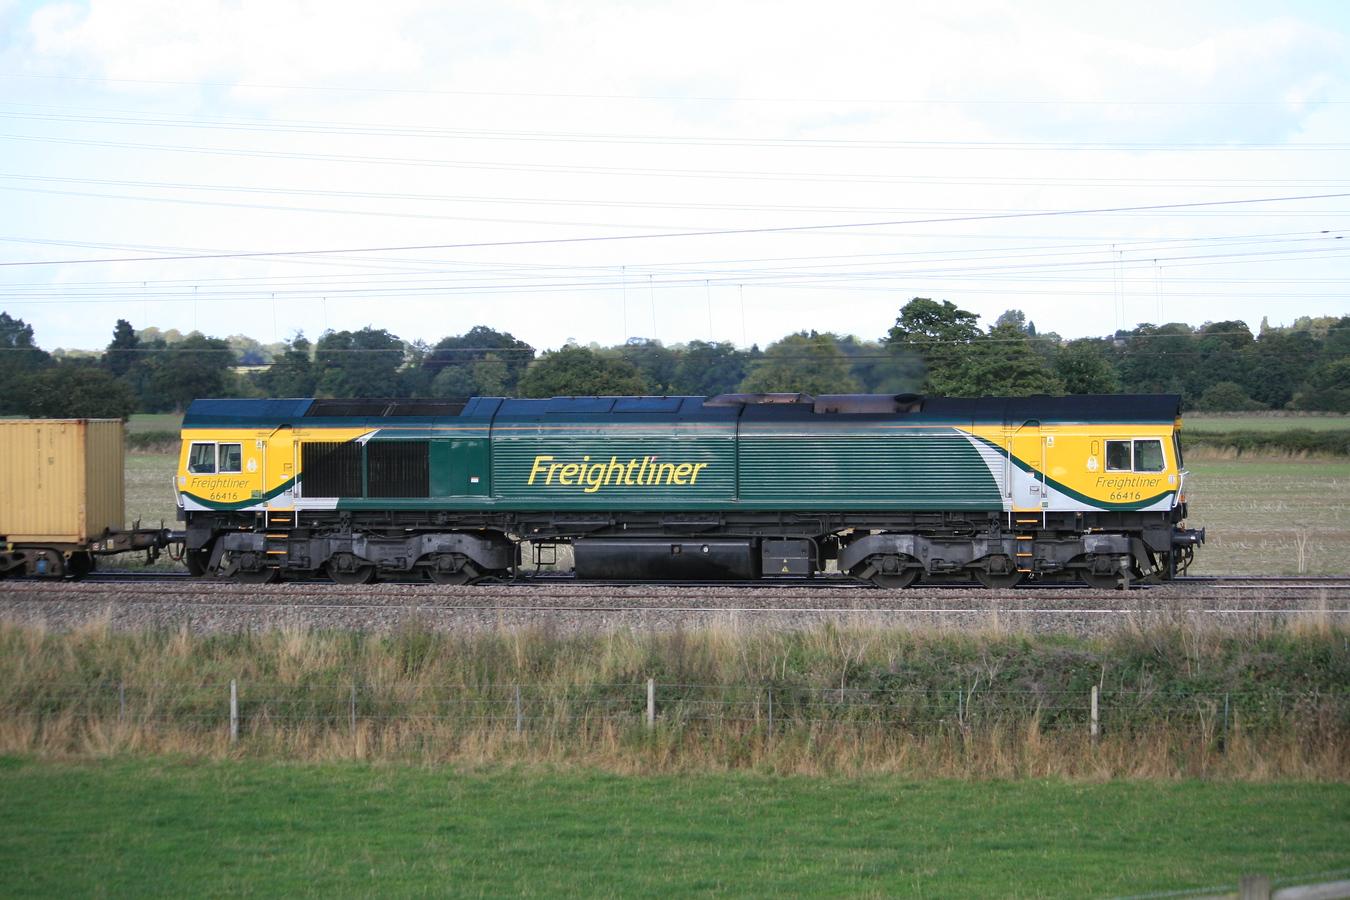 66416_RugeleyTV_25092015 (87)_Freightliner